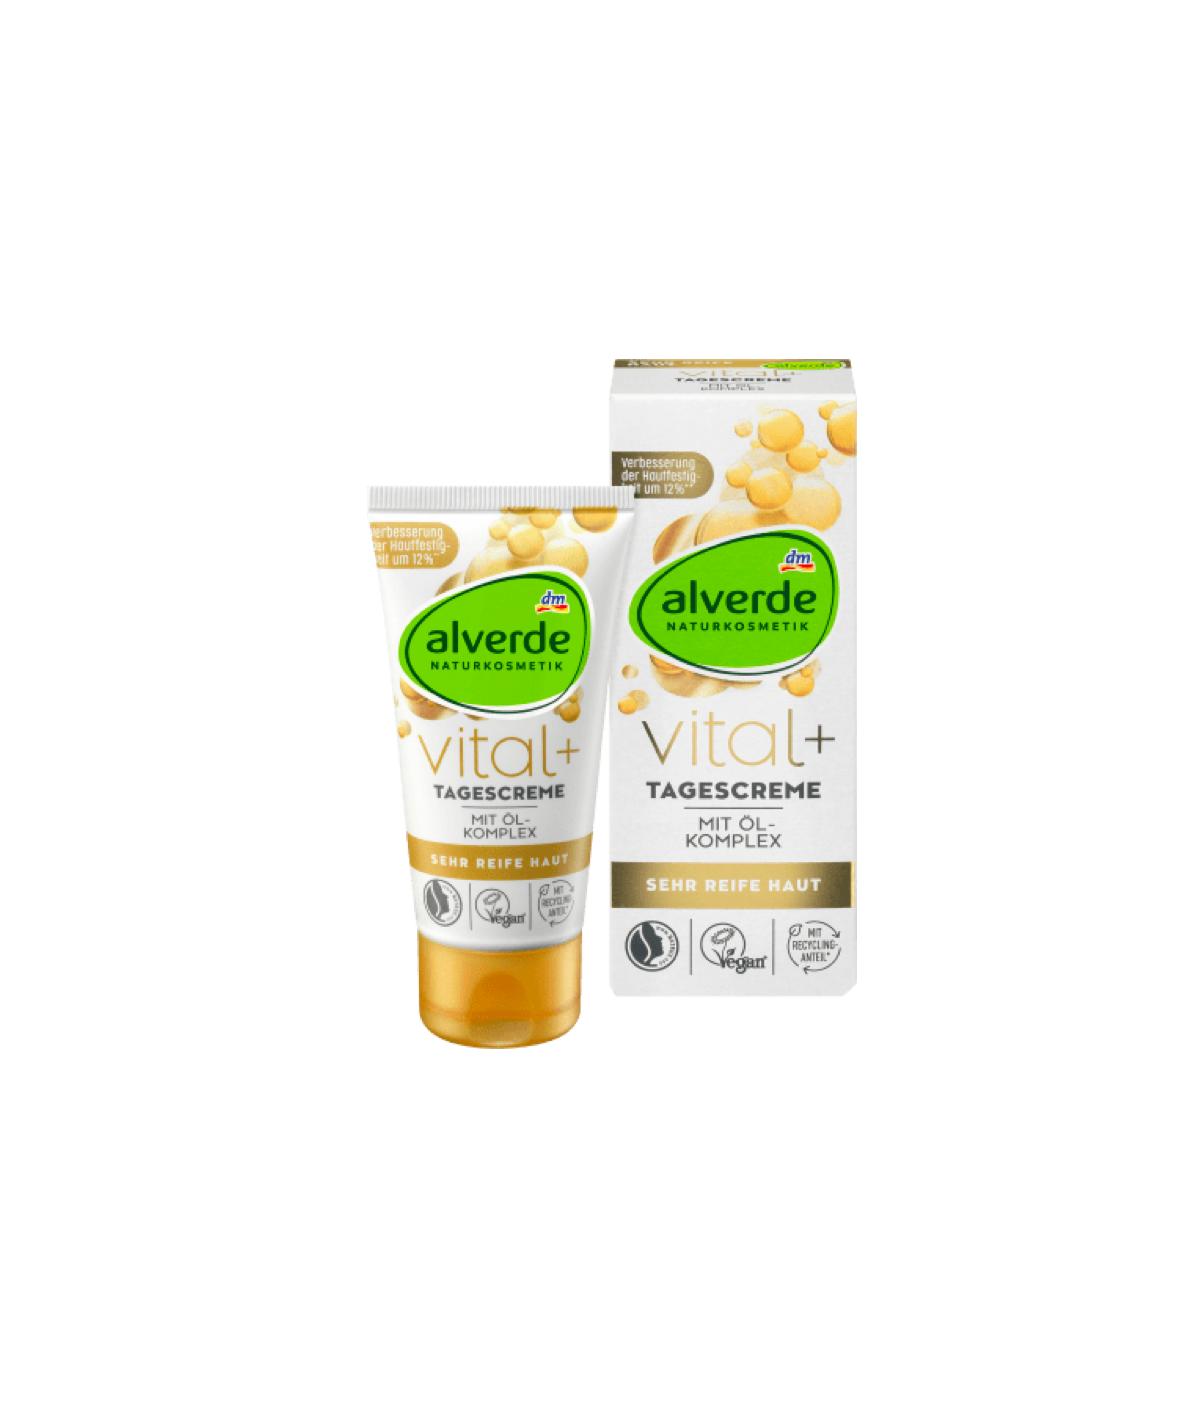 Crème de jour Vital + Alverde 50 ml